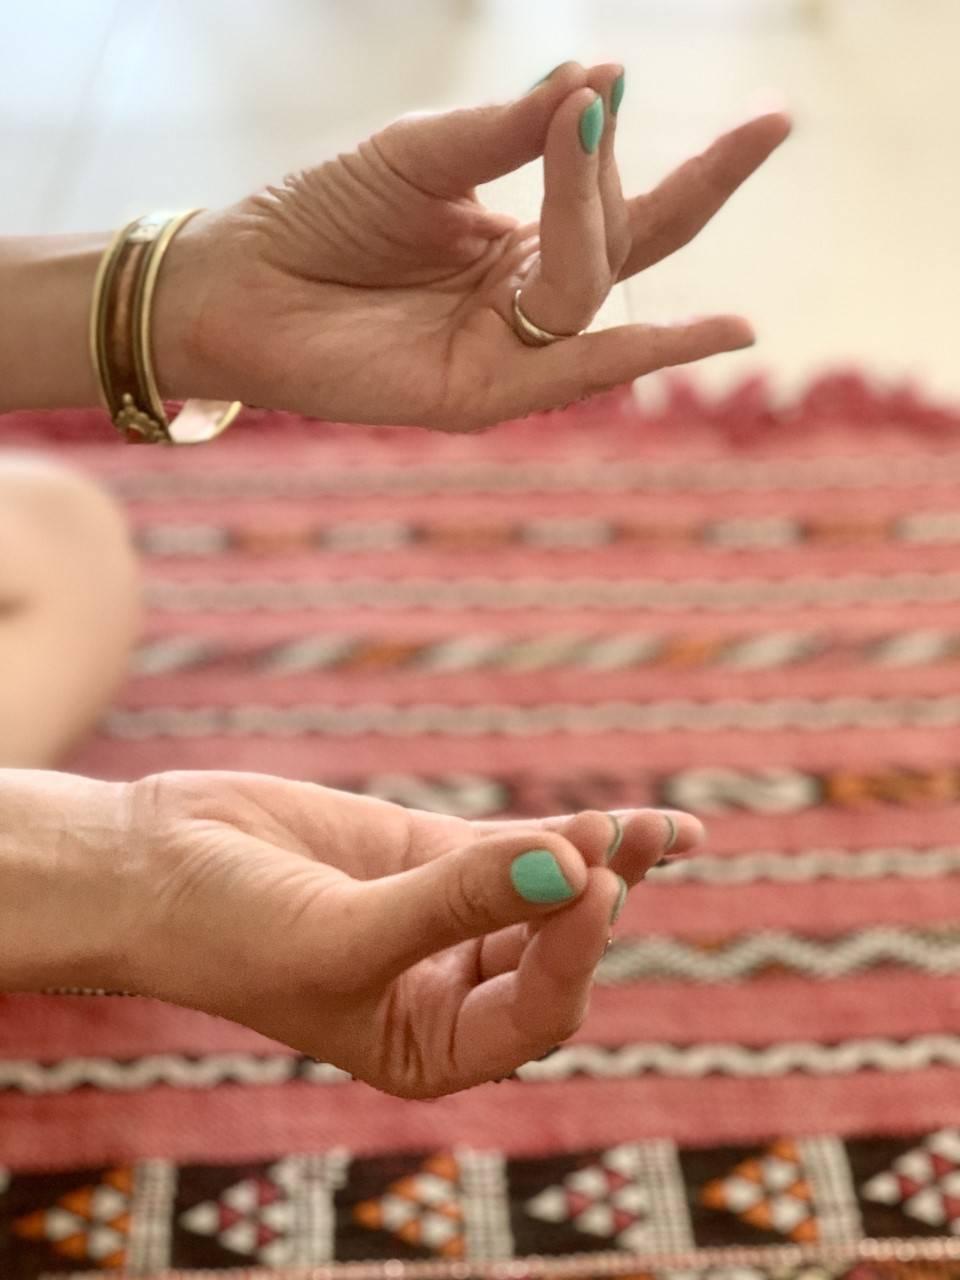 Pranaapana mudra - jak ją wykonać? Mudry dłoni pokazuje Karolina Szaciłło.